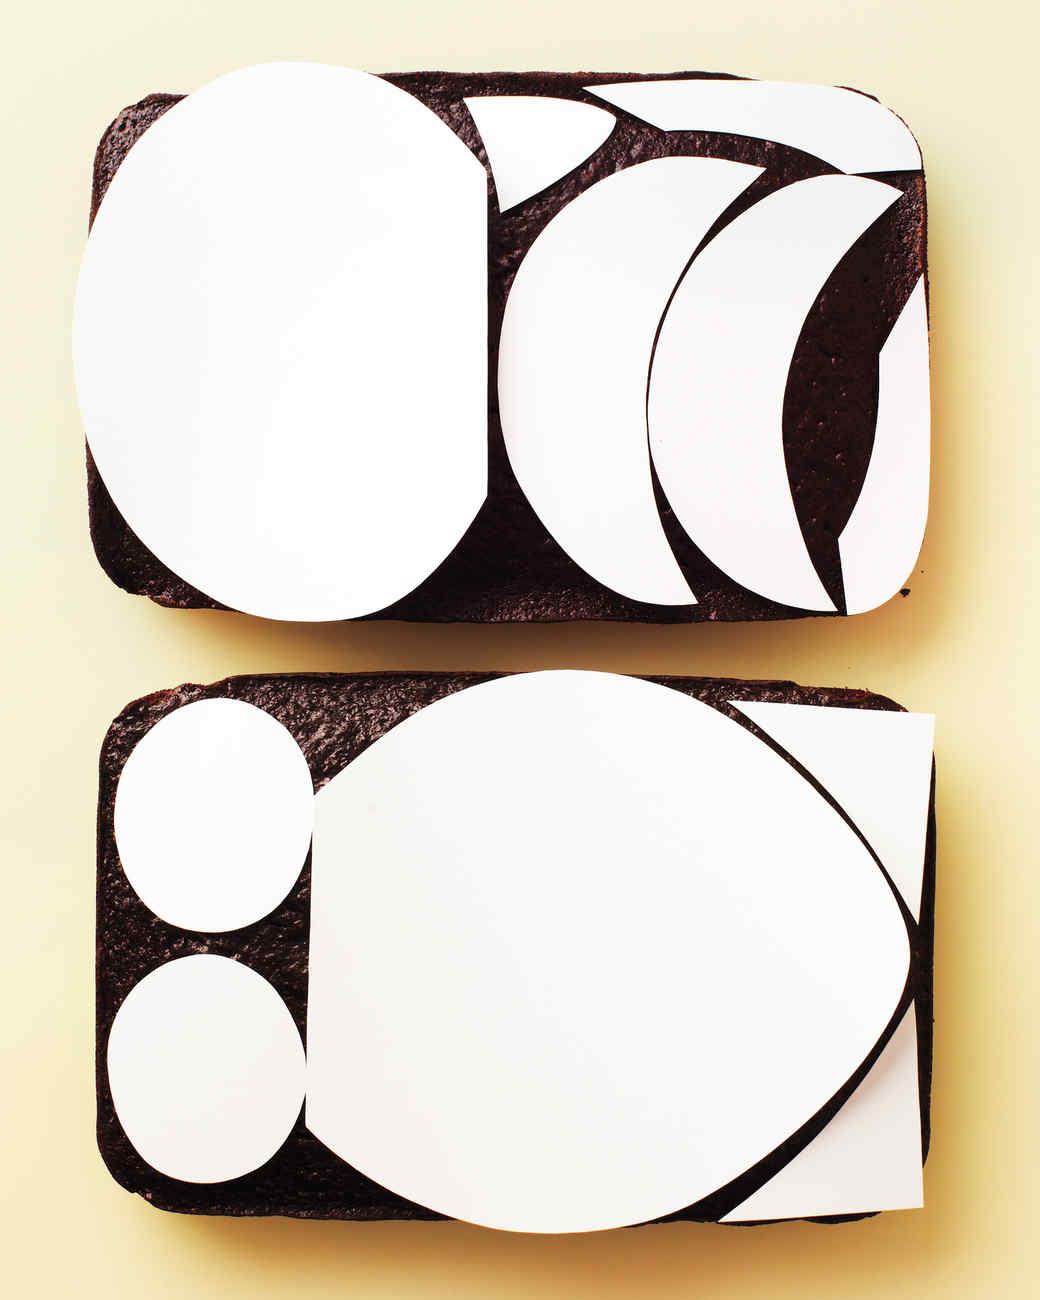 sheet-cake-owl-1-mld108427.jpg